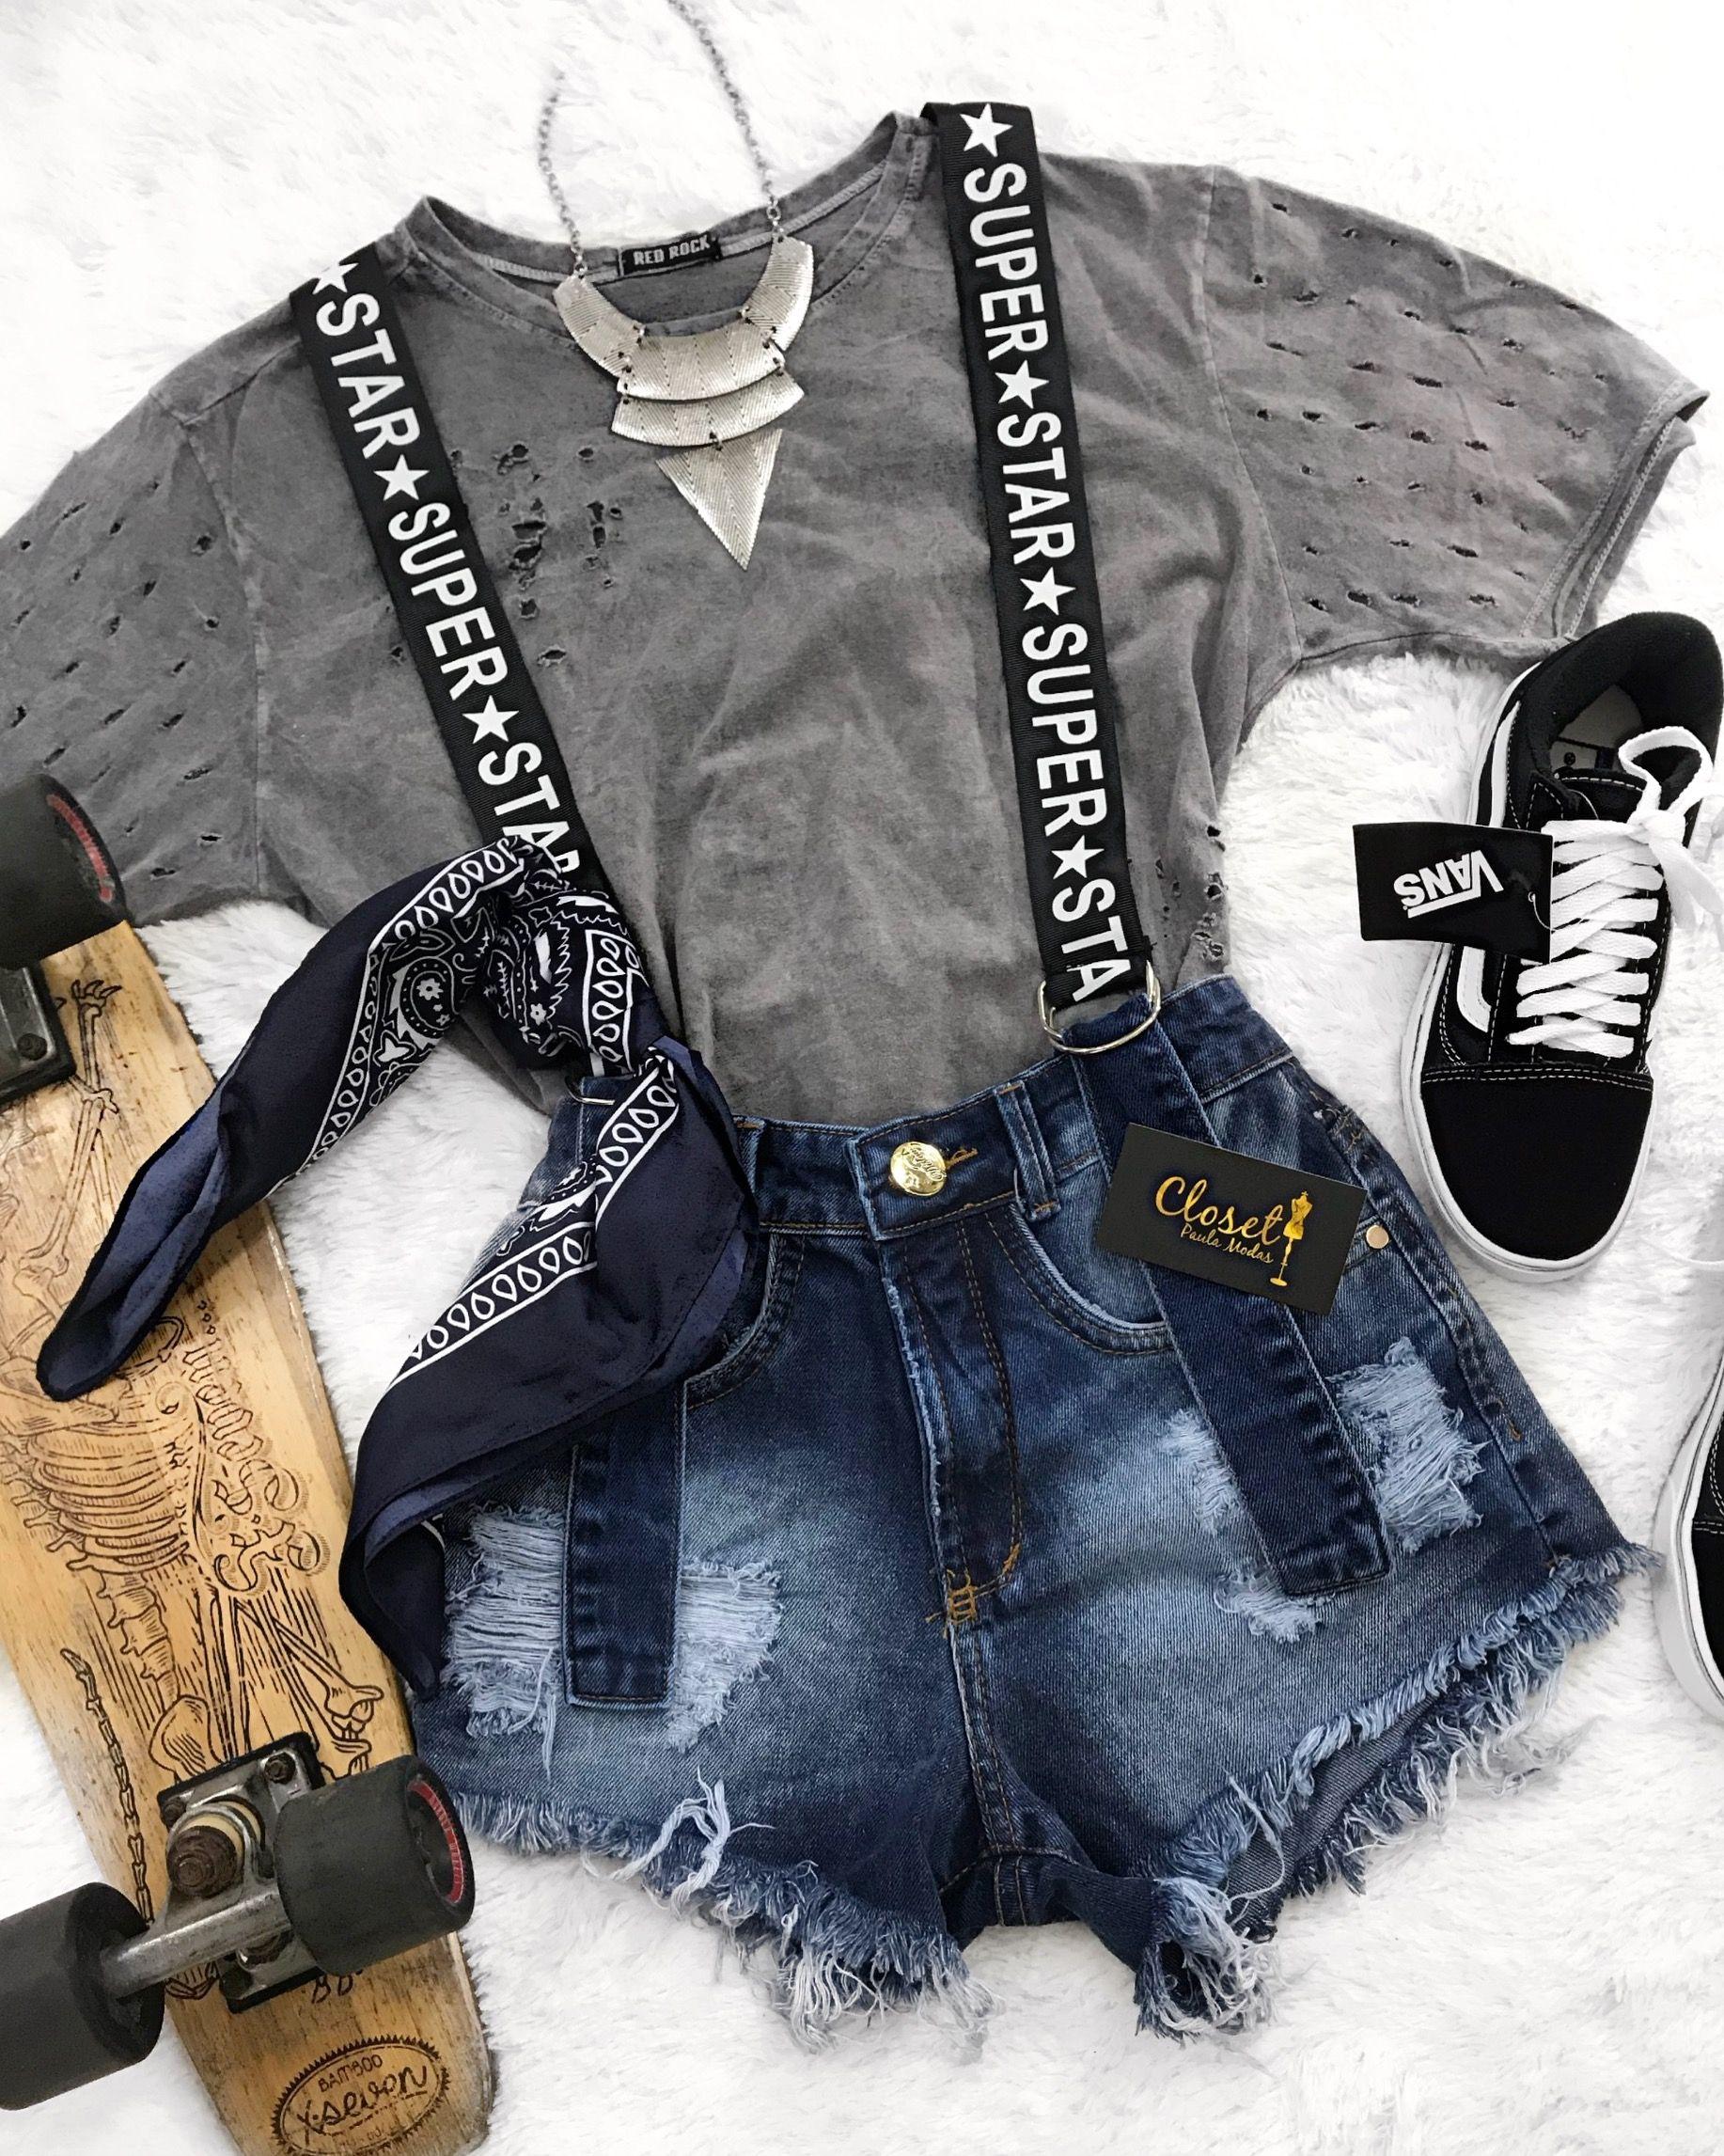 Pin De Ale Hop Em Clothes Roupas Fashion Roupas Tumbler E